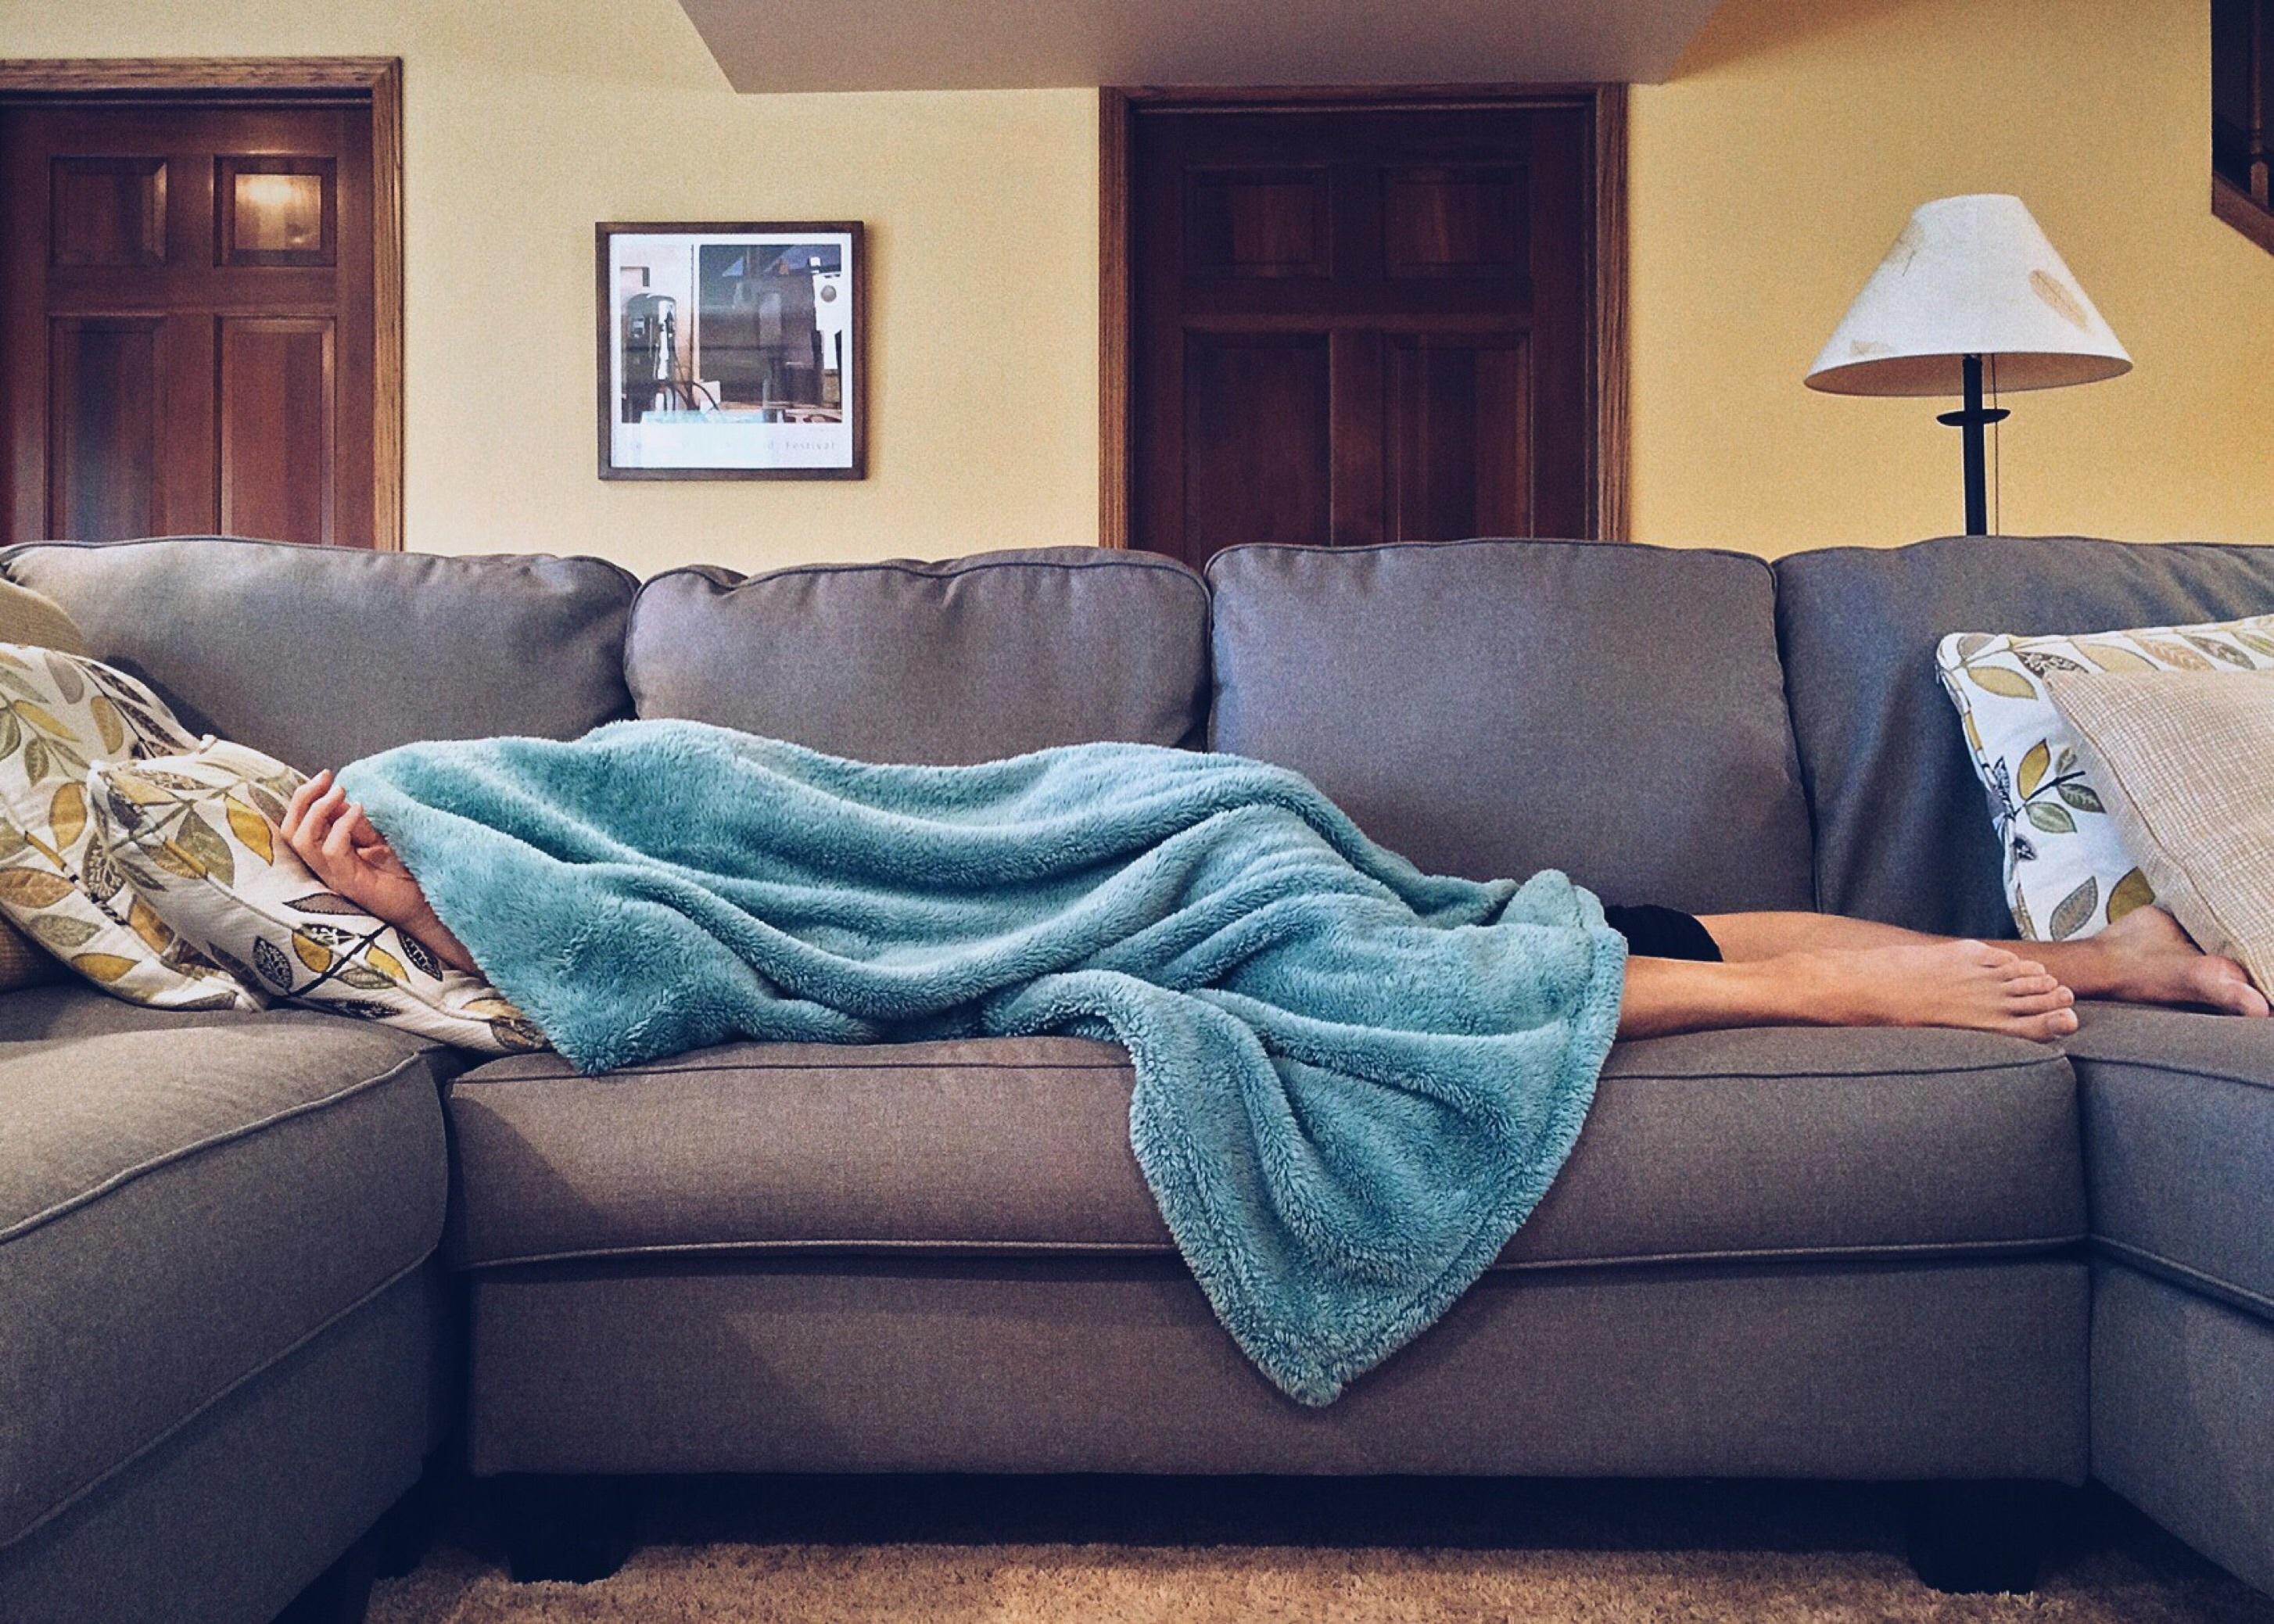 Kostenlose Foto Stock Zuhause Entspannen Sie Sich Hutte Eigentum Blau Wohnzimmer Mobel Zimmer Sofa Schlafzimmer Couch Leben Innenarchitektur Bett Bettdecke Bettrahmen Schlafcouch 2908x2077 795289 Kostenlose Bilder Pxhere